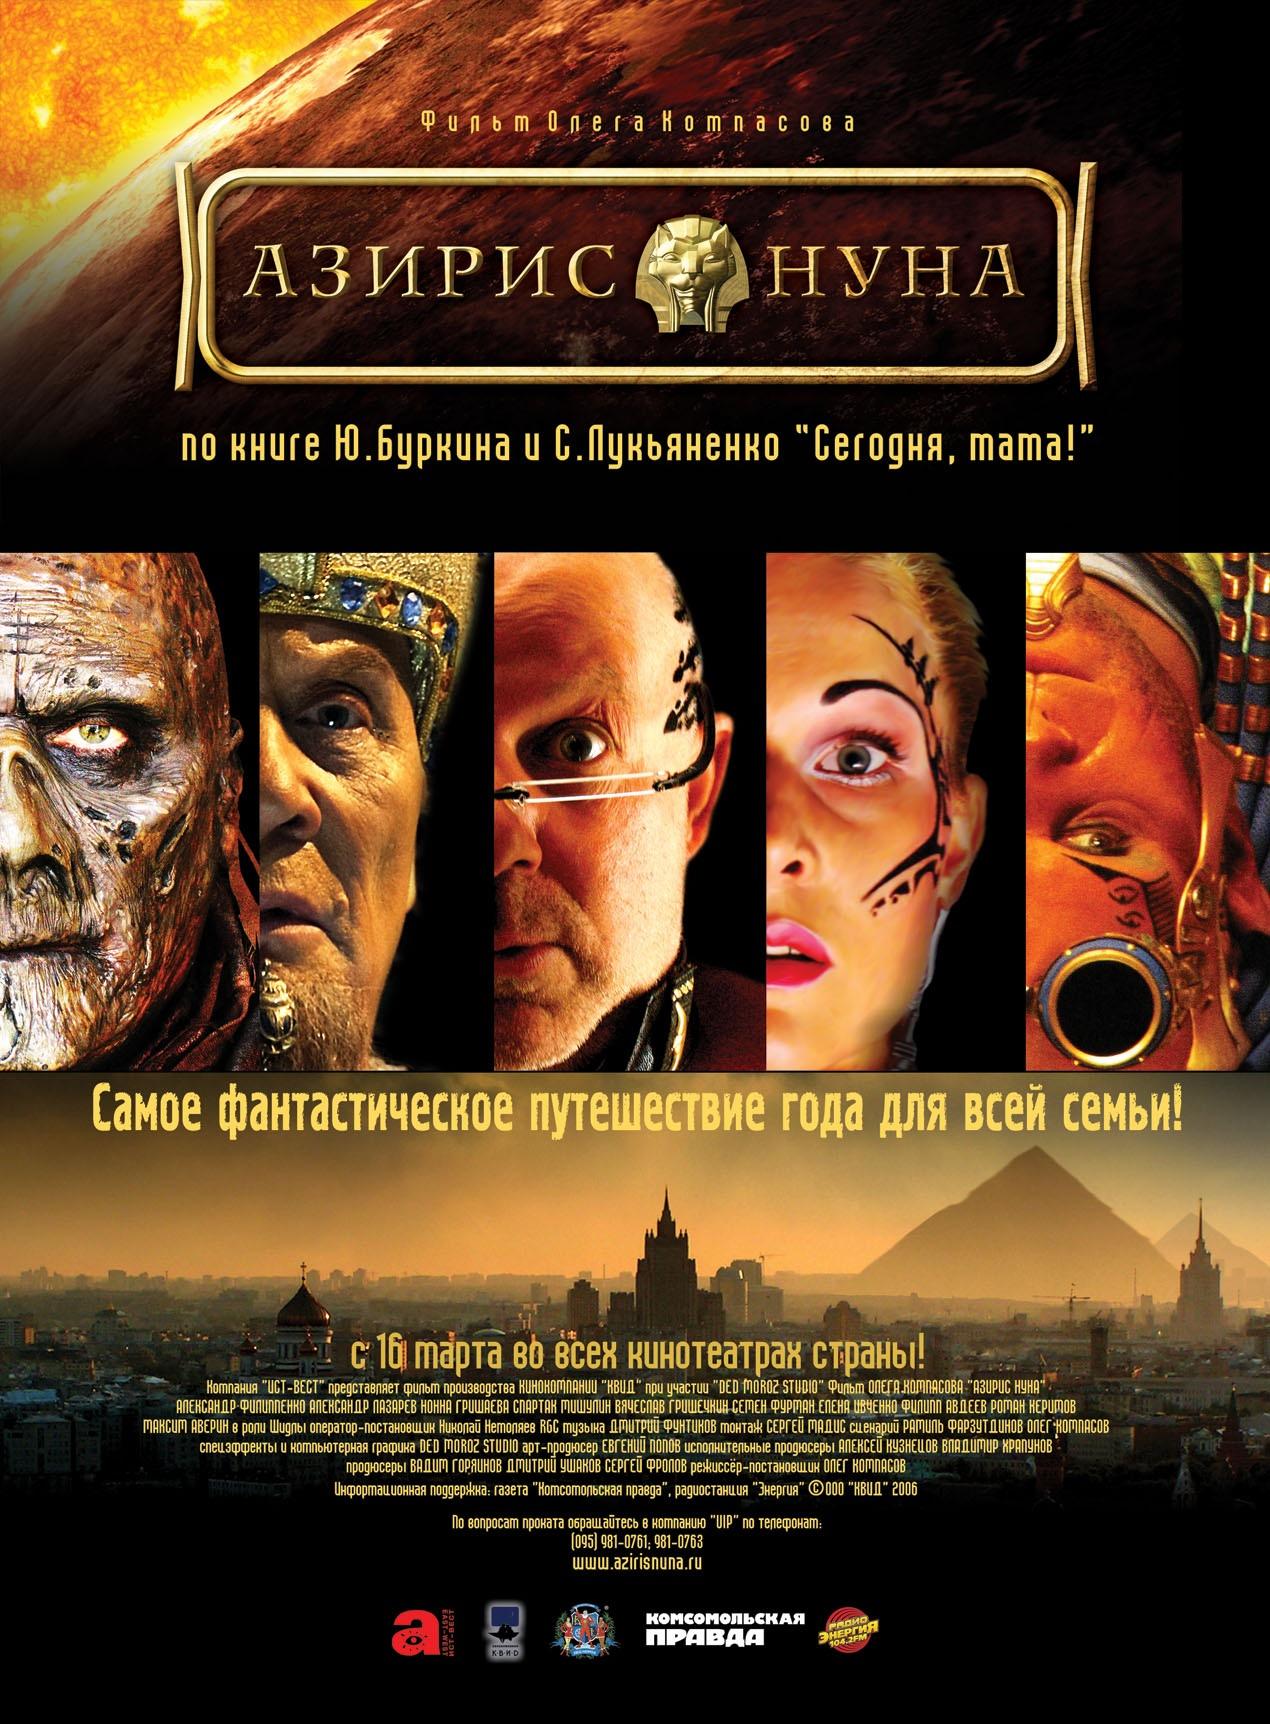 Фото маши казаковой из фильма азирис нуна 4